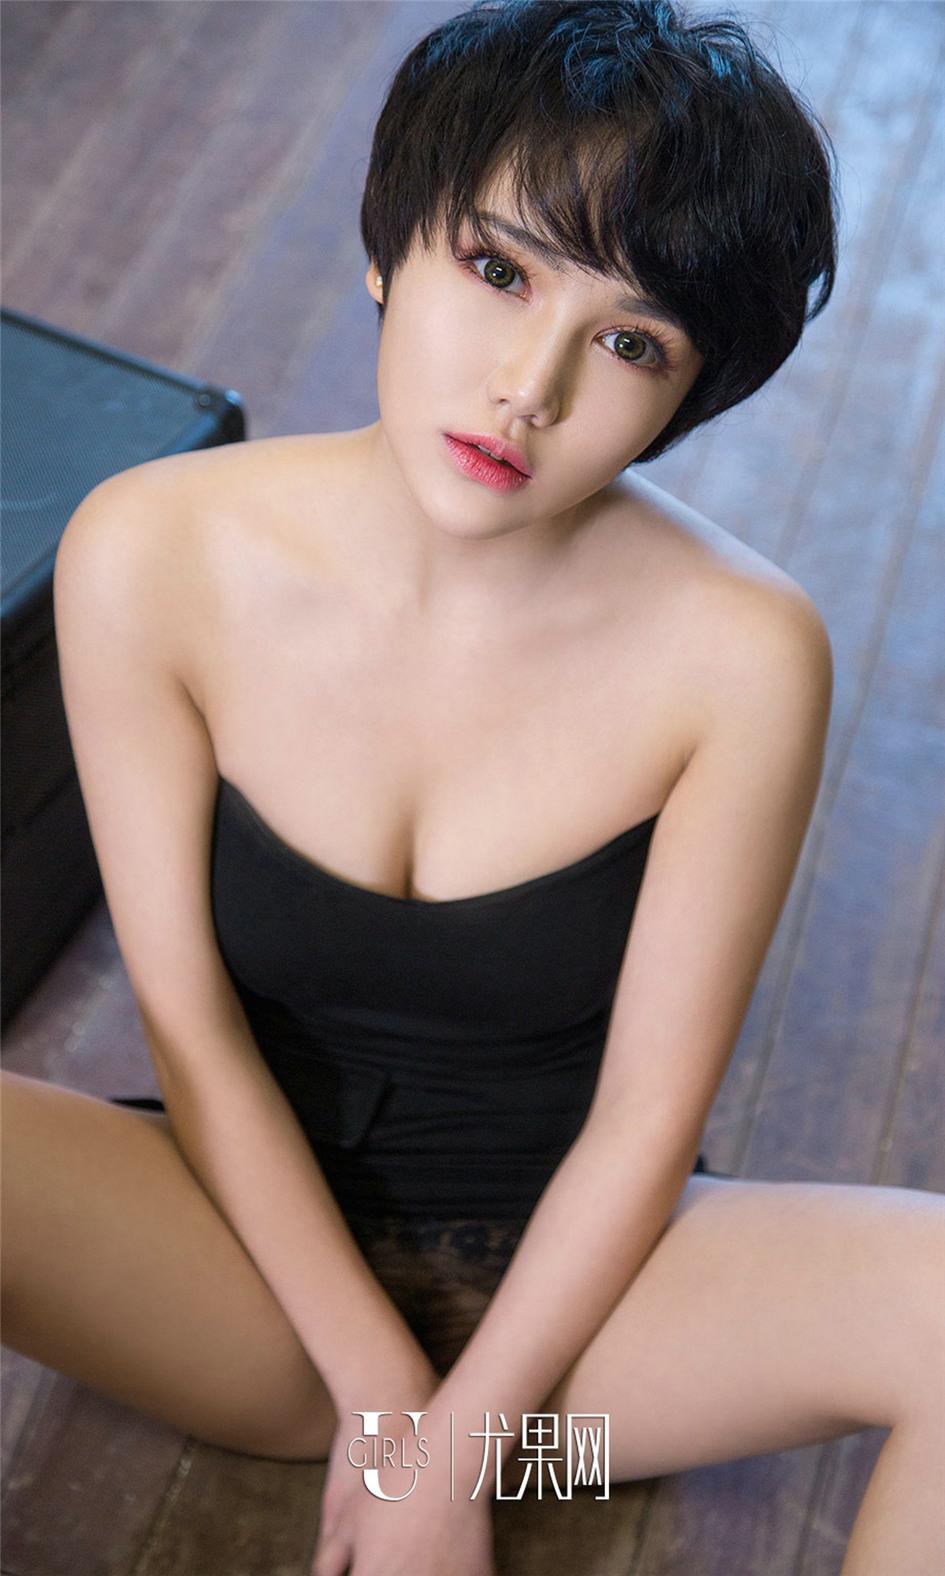 [尤果网] 浅色短发气质美女小悦悦个性写真 第676期